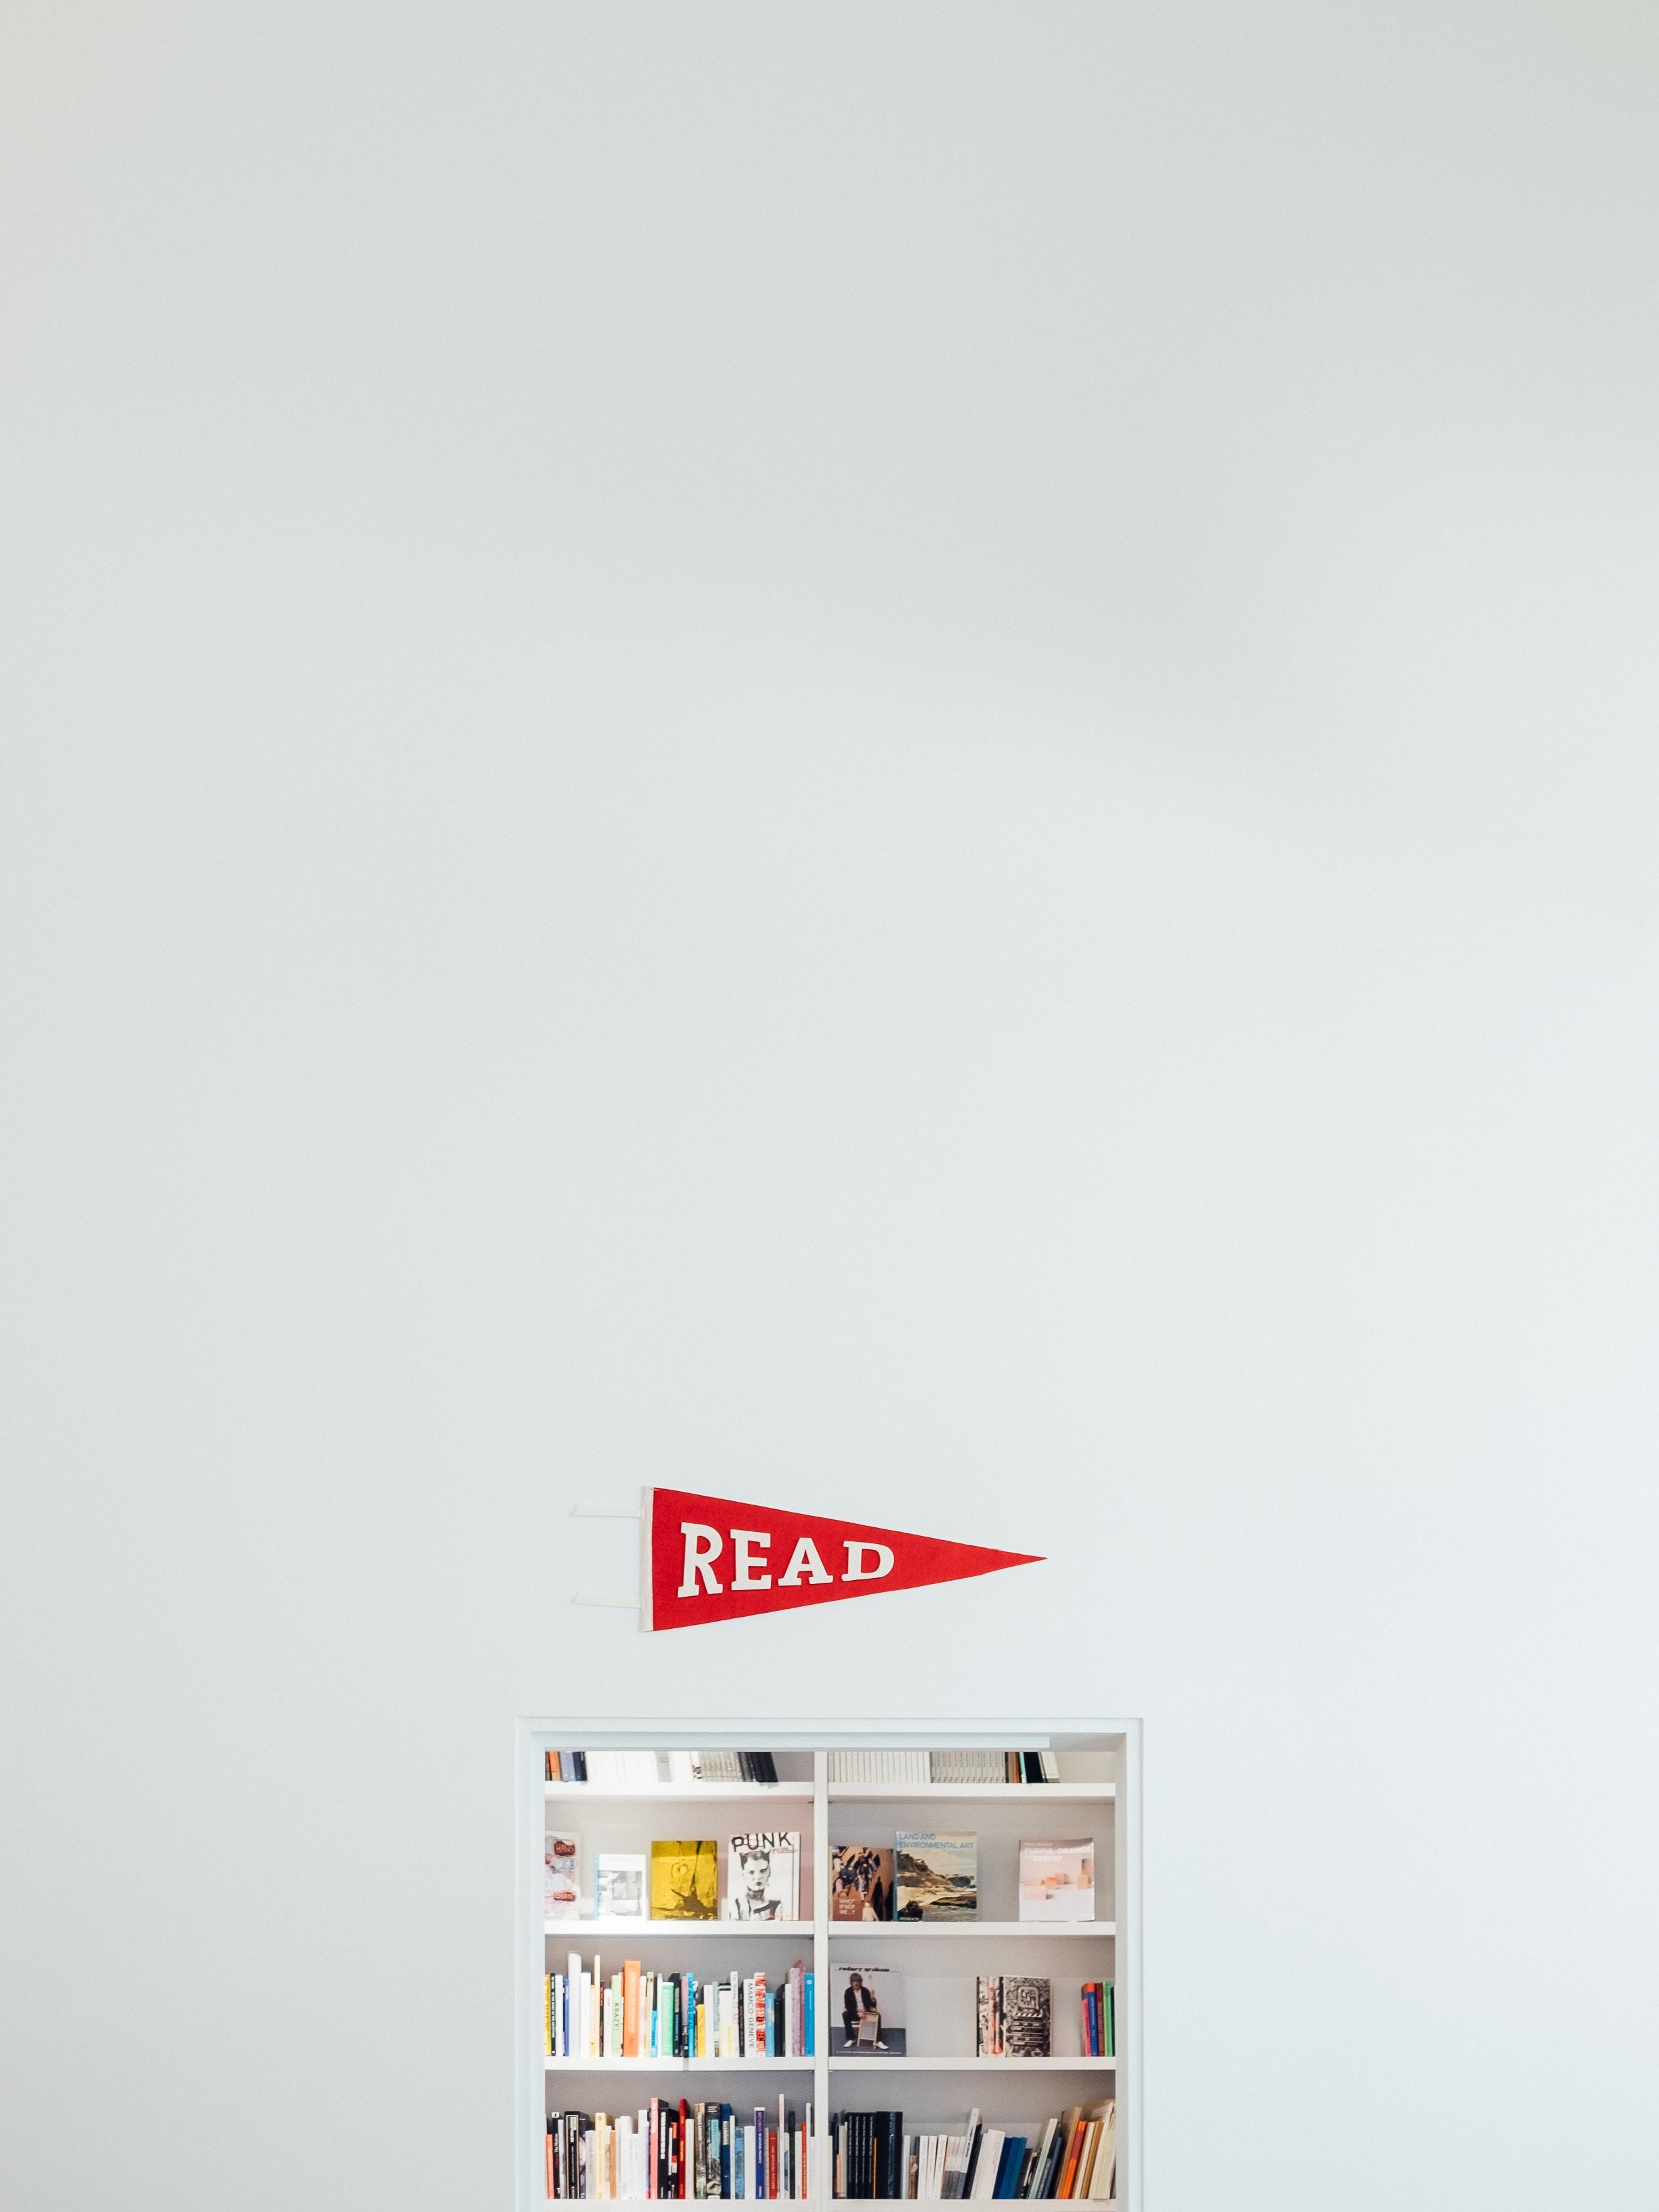 141982 скачать обои Минимализм, Книги, Полка, Чтение - заставки и картинки бесплатно